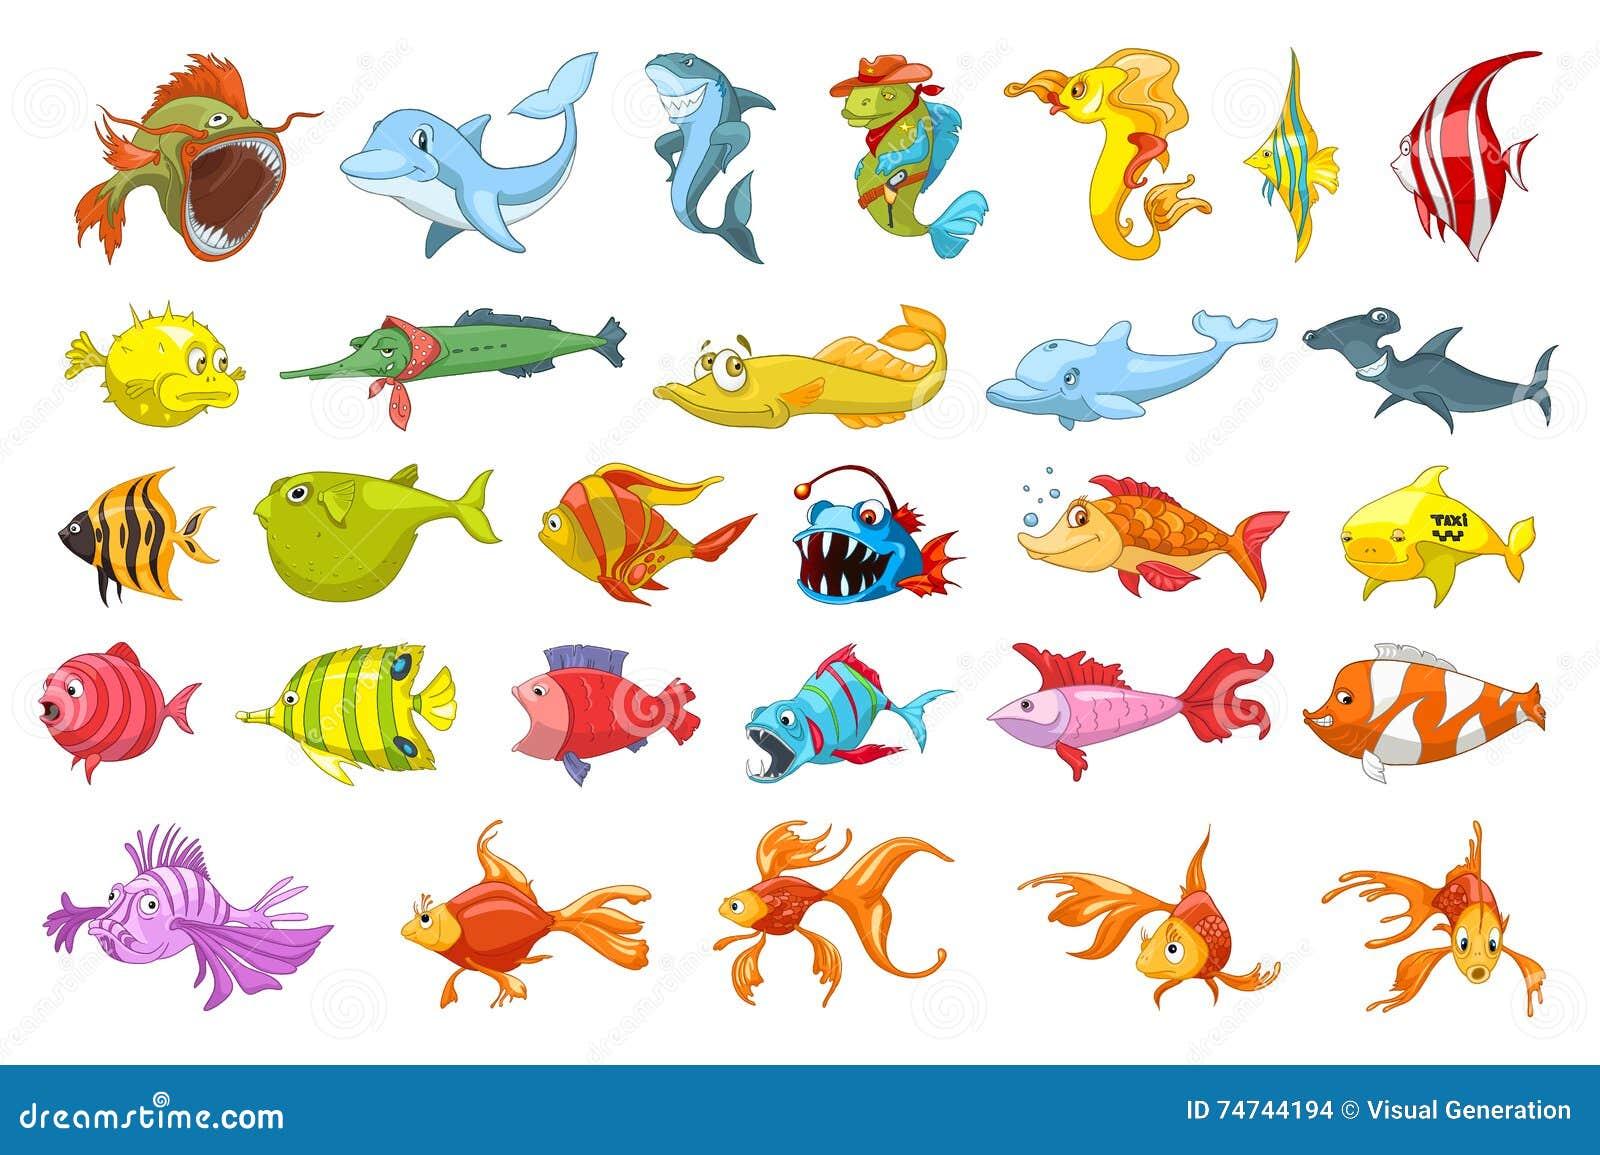 Διανυσματικό σύνολο απεικονίσεων ψαριών